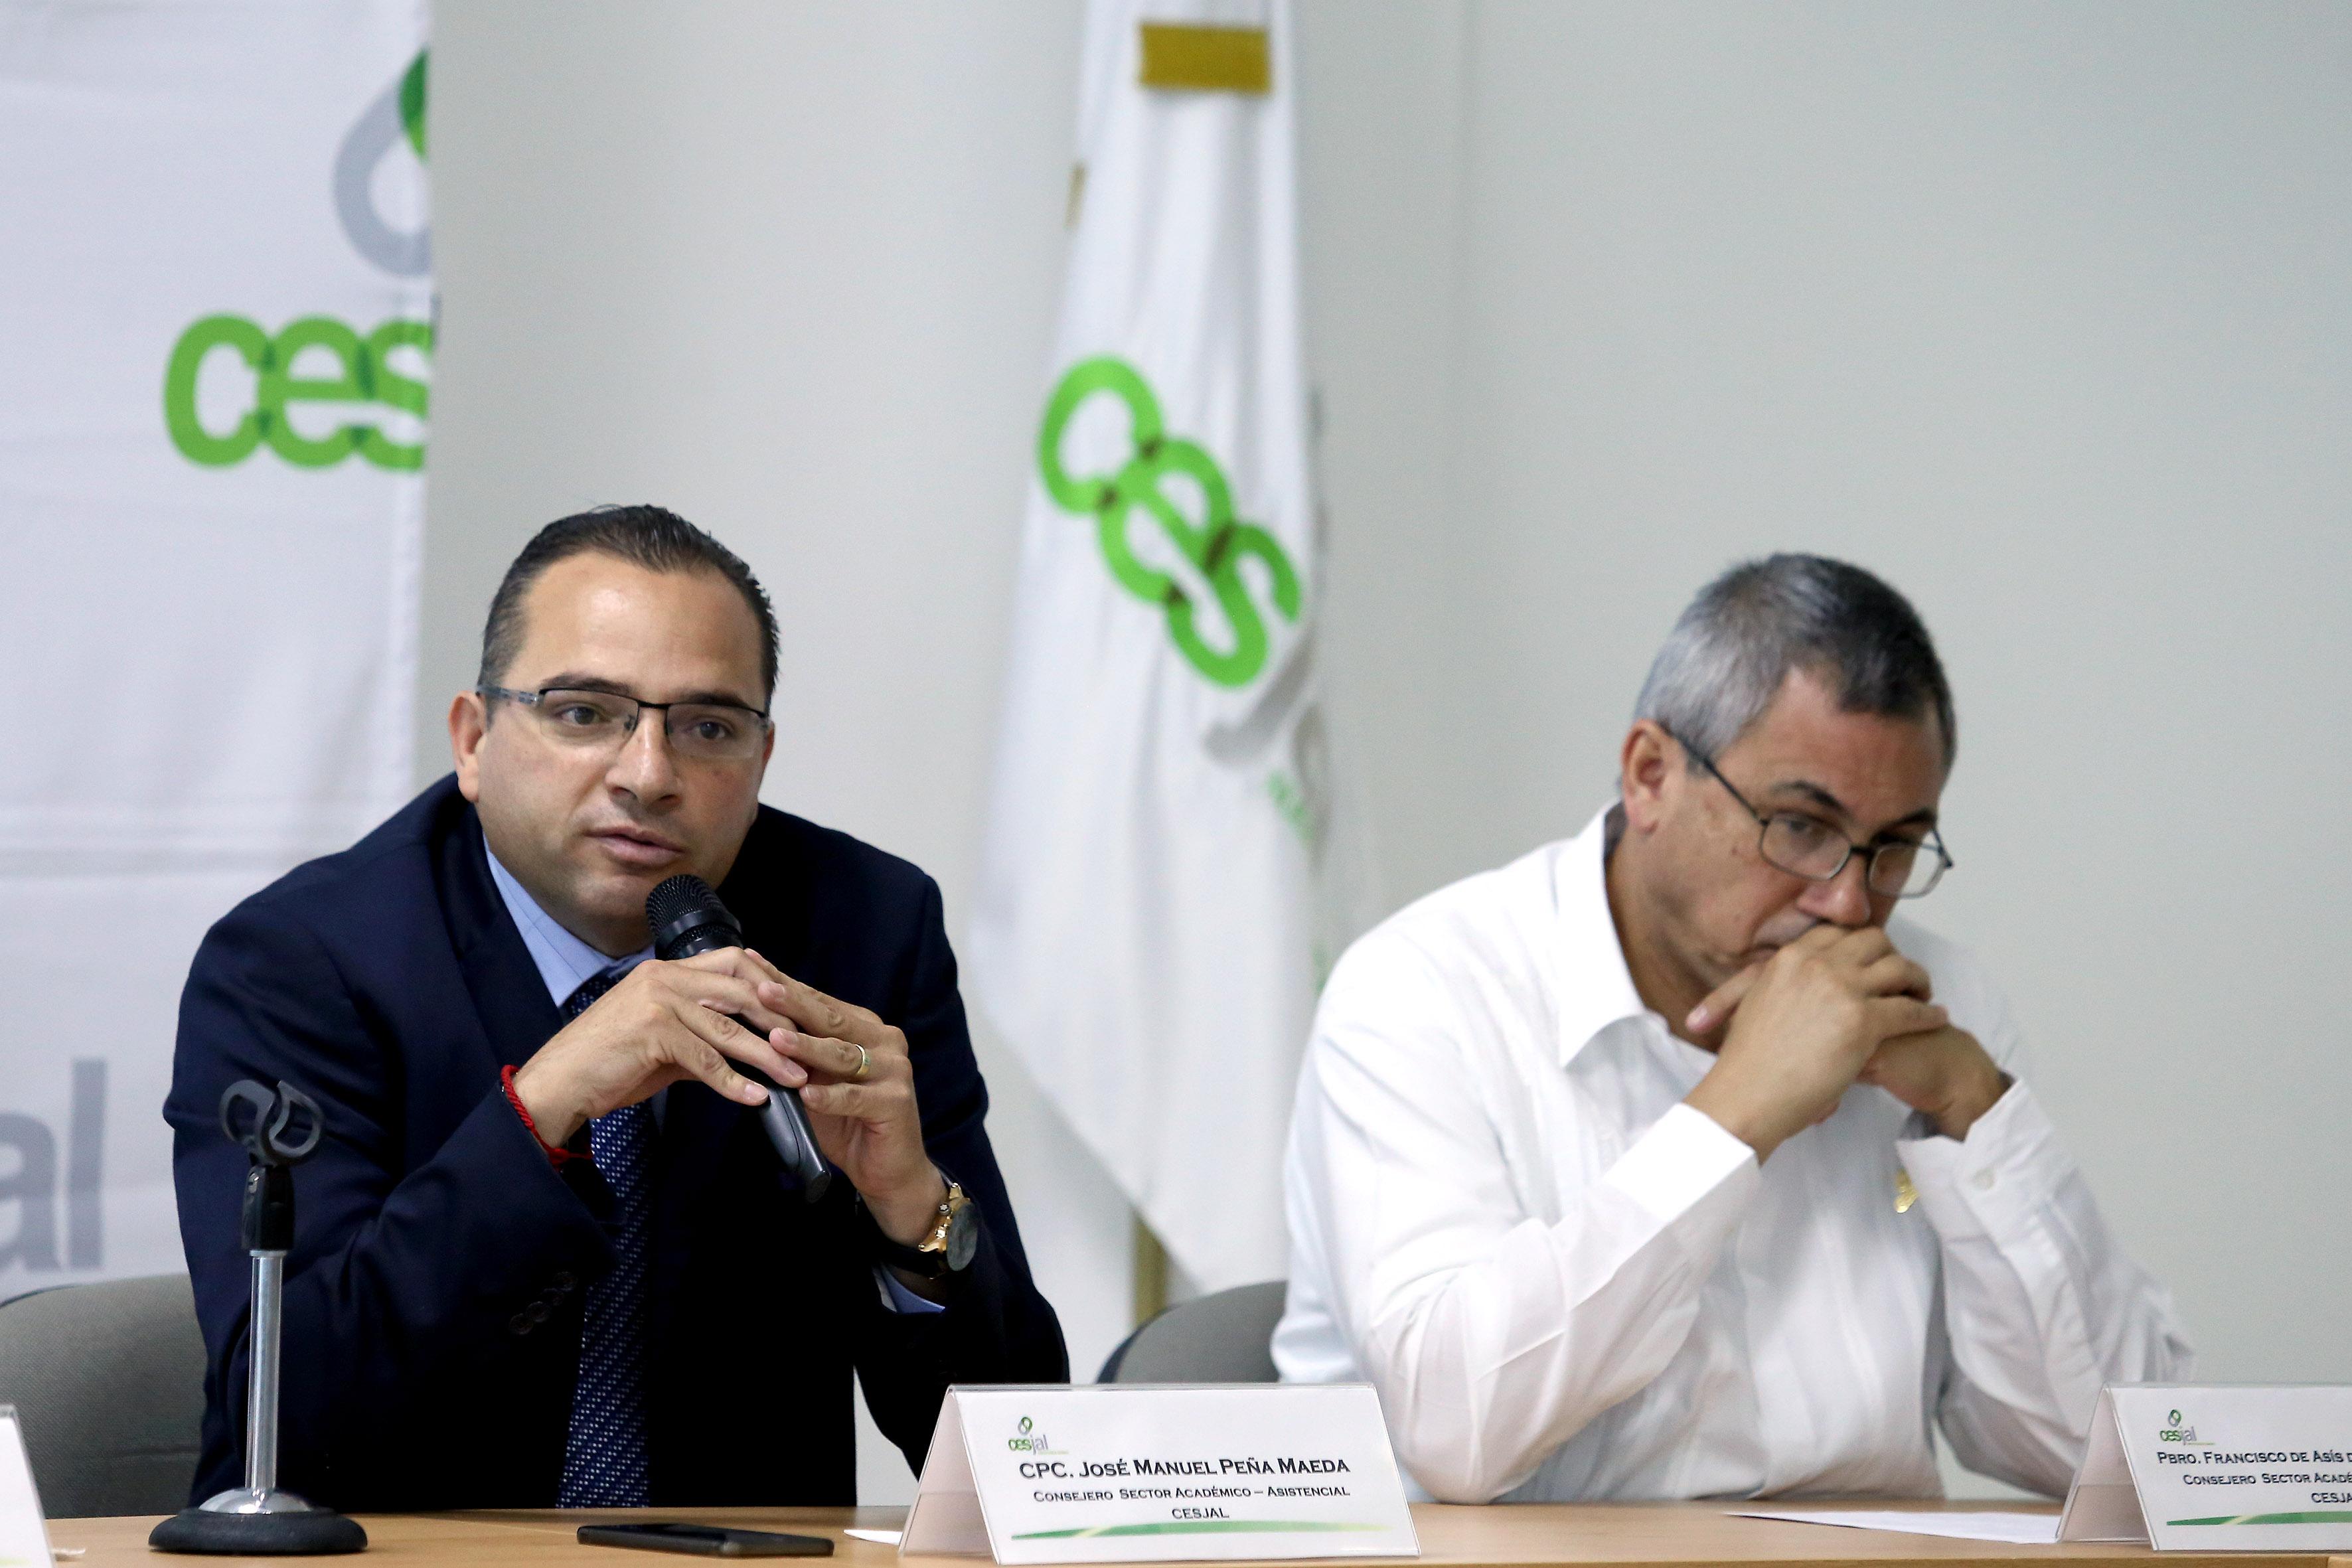 José Manuel Peña Maeda, Consejero del Sector Académico-Asistencial, con micrófono en mano, haciendo uso de la palabra.